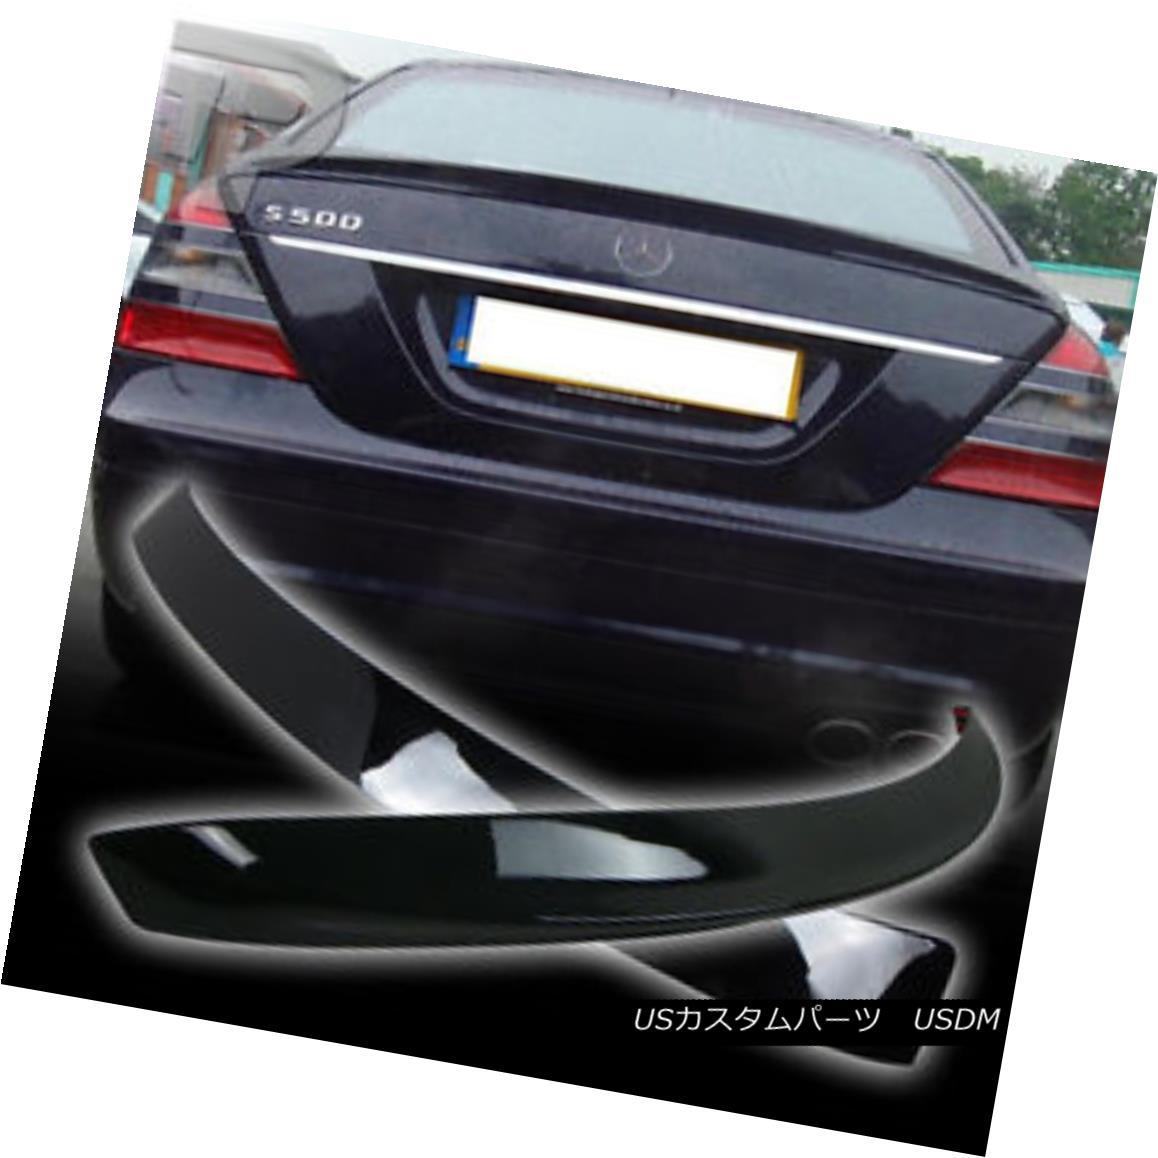 エアロパーツ PAINTED Mercedes BENZ W221 L ROOF & A TYPE REAR BOOT TRUNK SPOILER 07-13 ▼ ペイントされたメルセデスベンツW221 Lルーフ& Aタイプのリアブーツトゥーンスポイラー07-13?